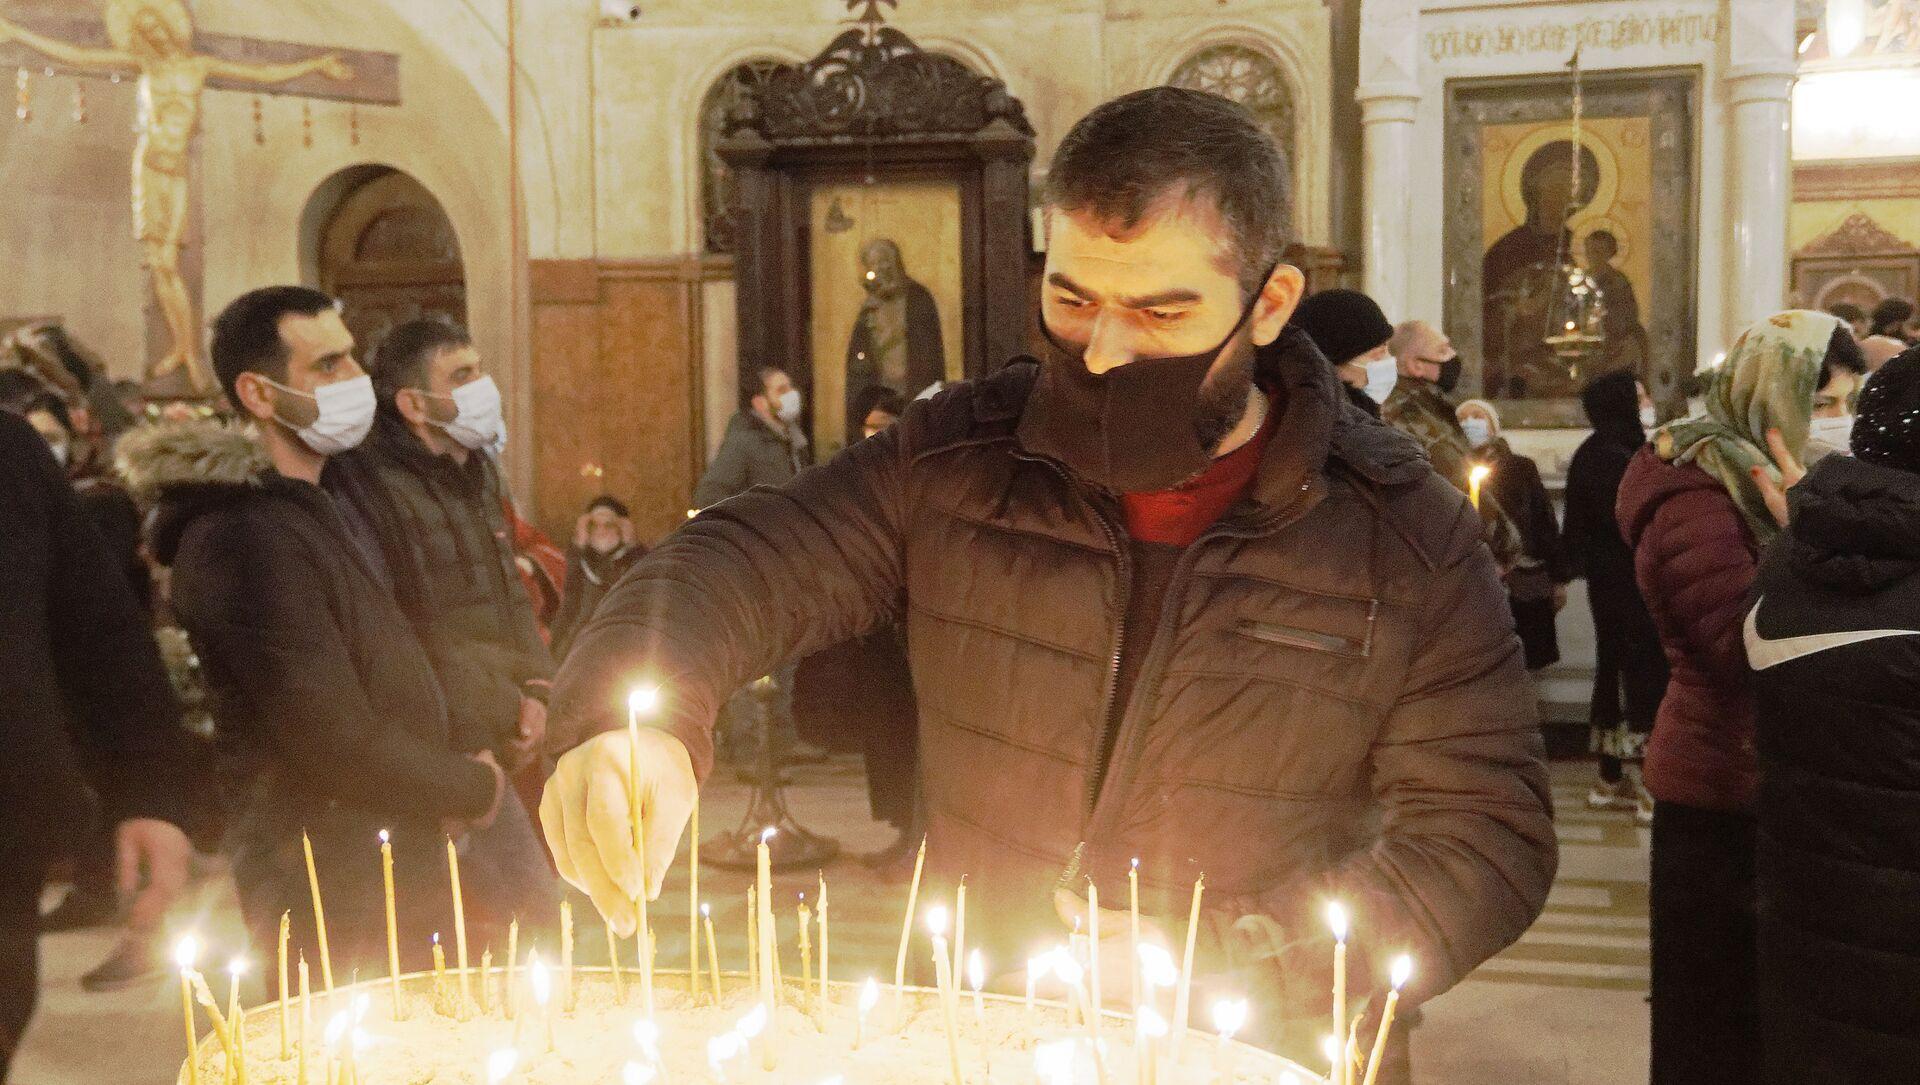 Религия и православие. Верующие в церкви зажигают свечи - Sputnik Грузия, 1920, 26.04.2021